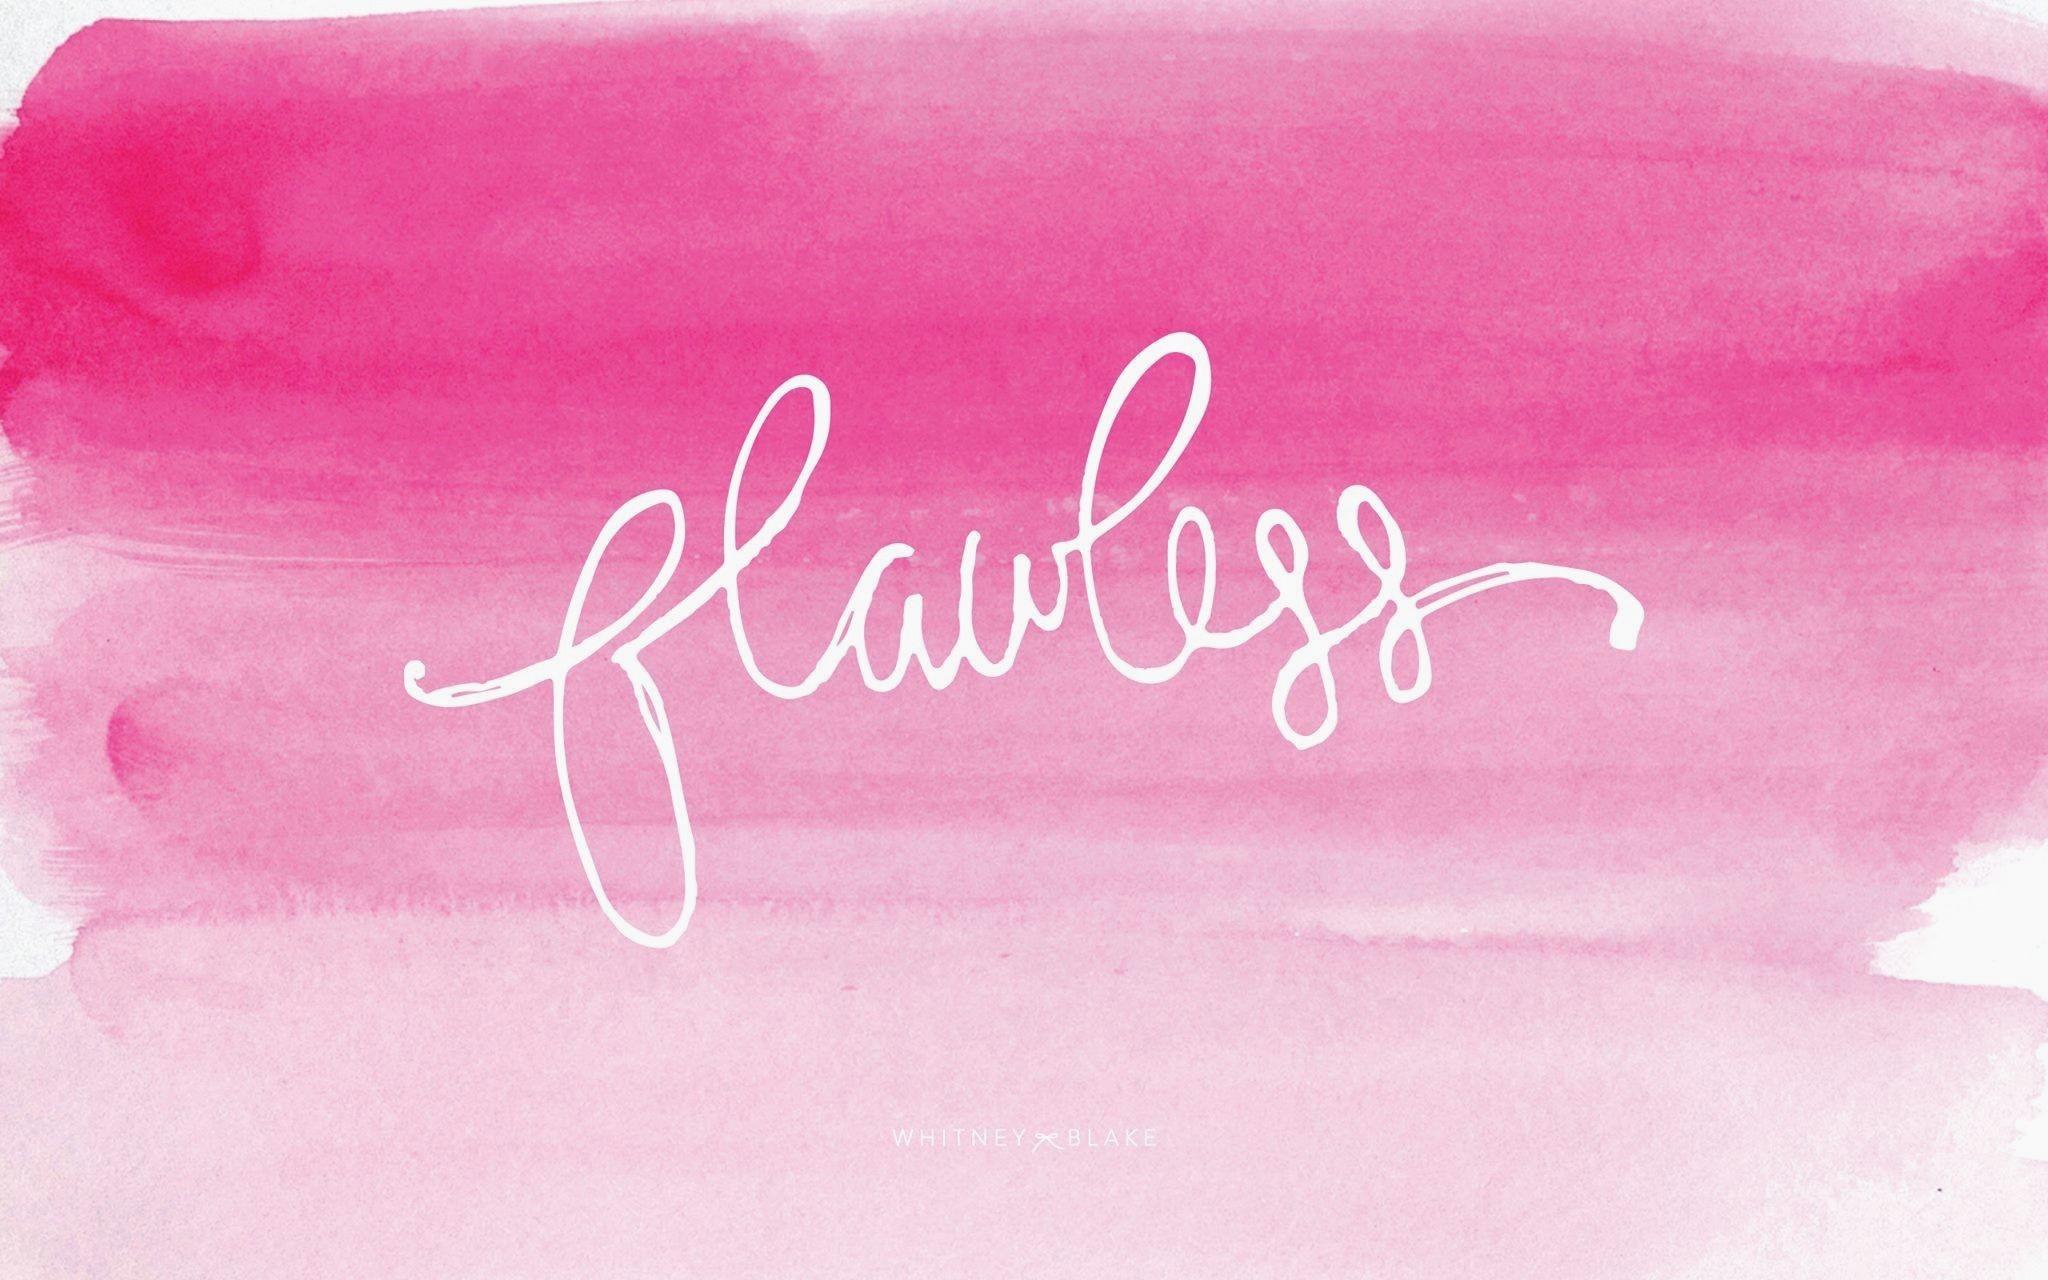 Wallpaper Laptop Tumblr Pink Hd